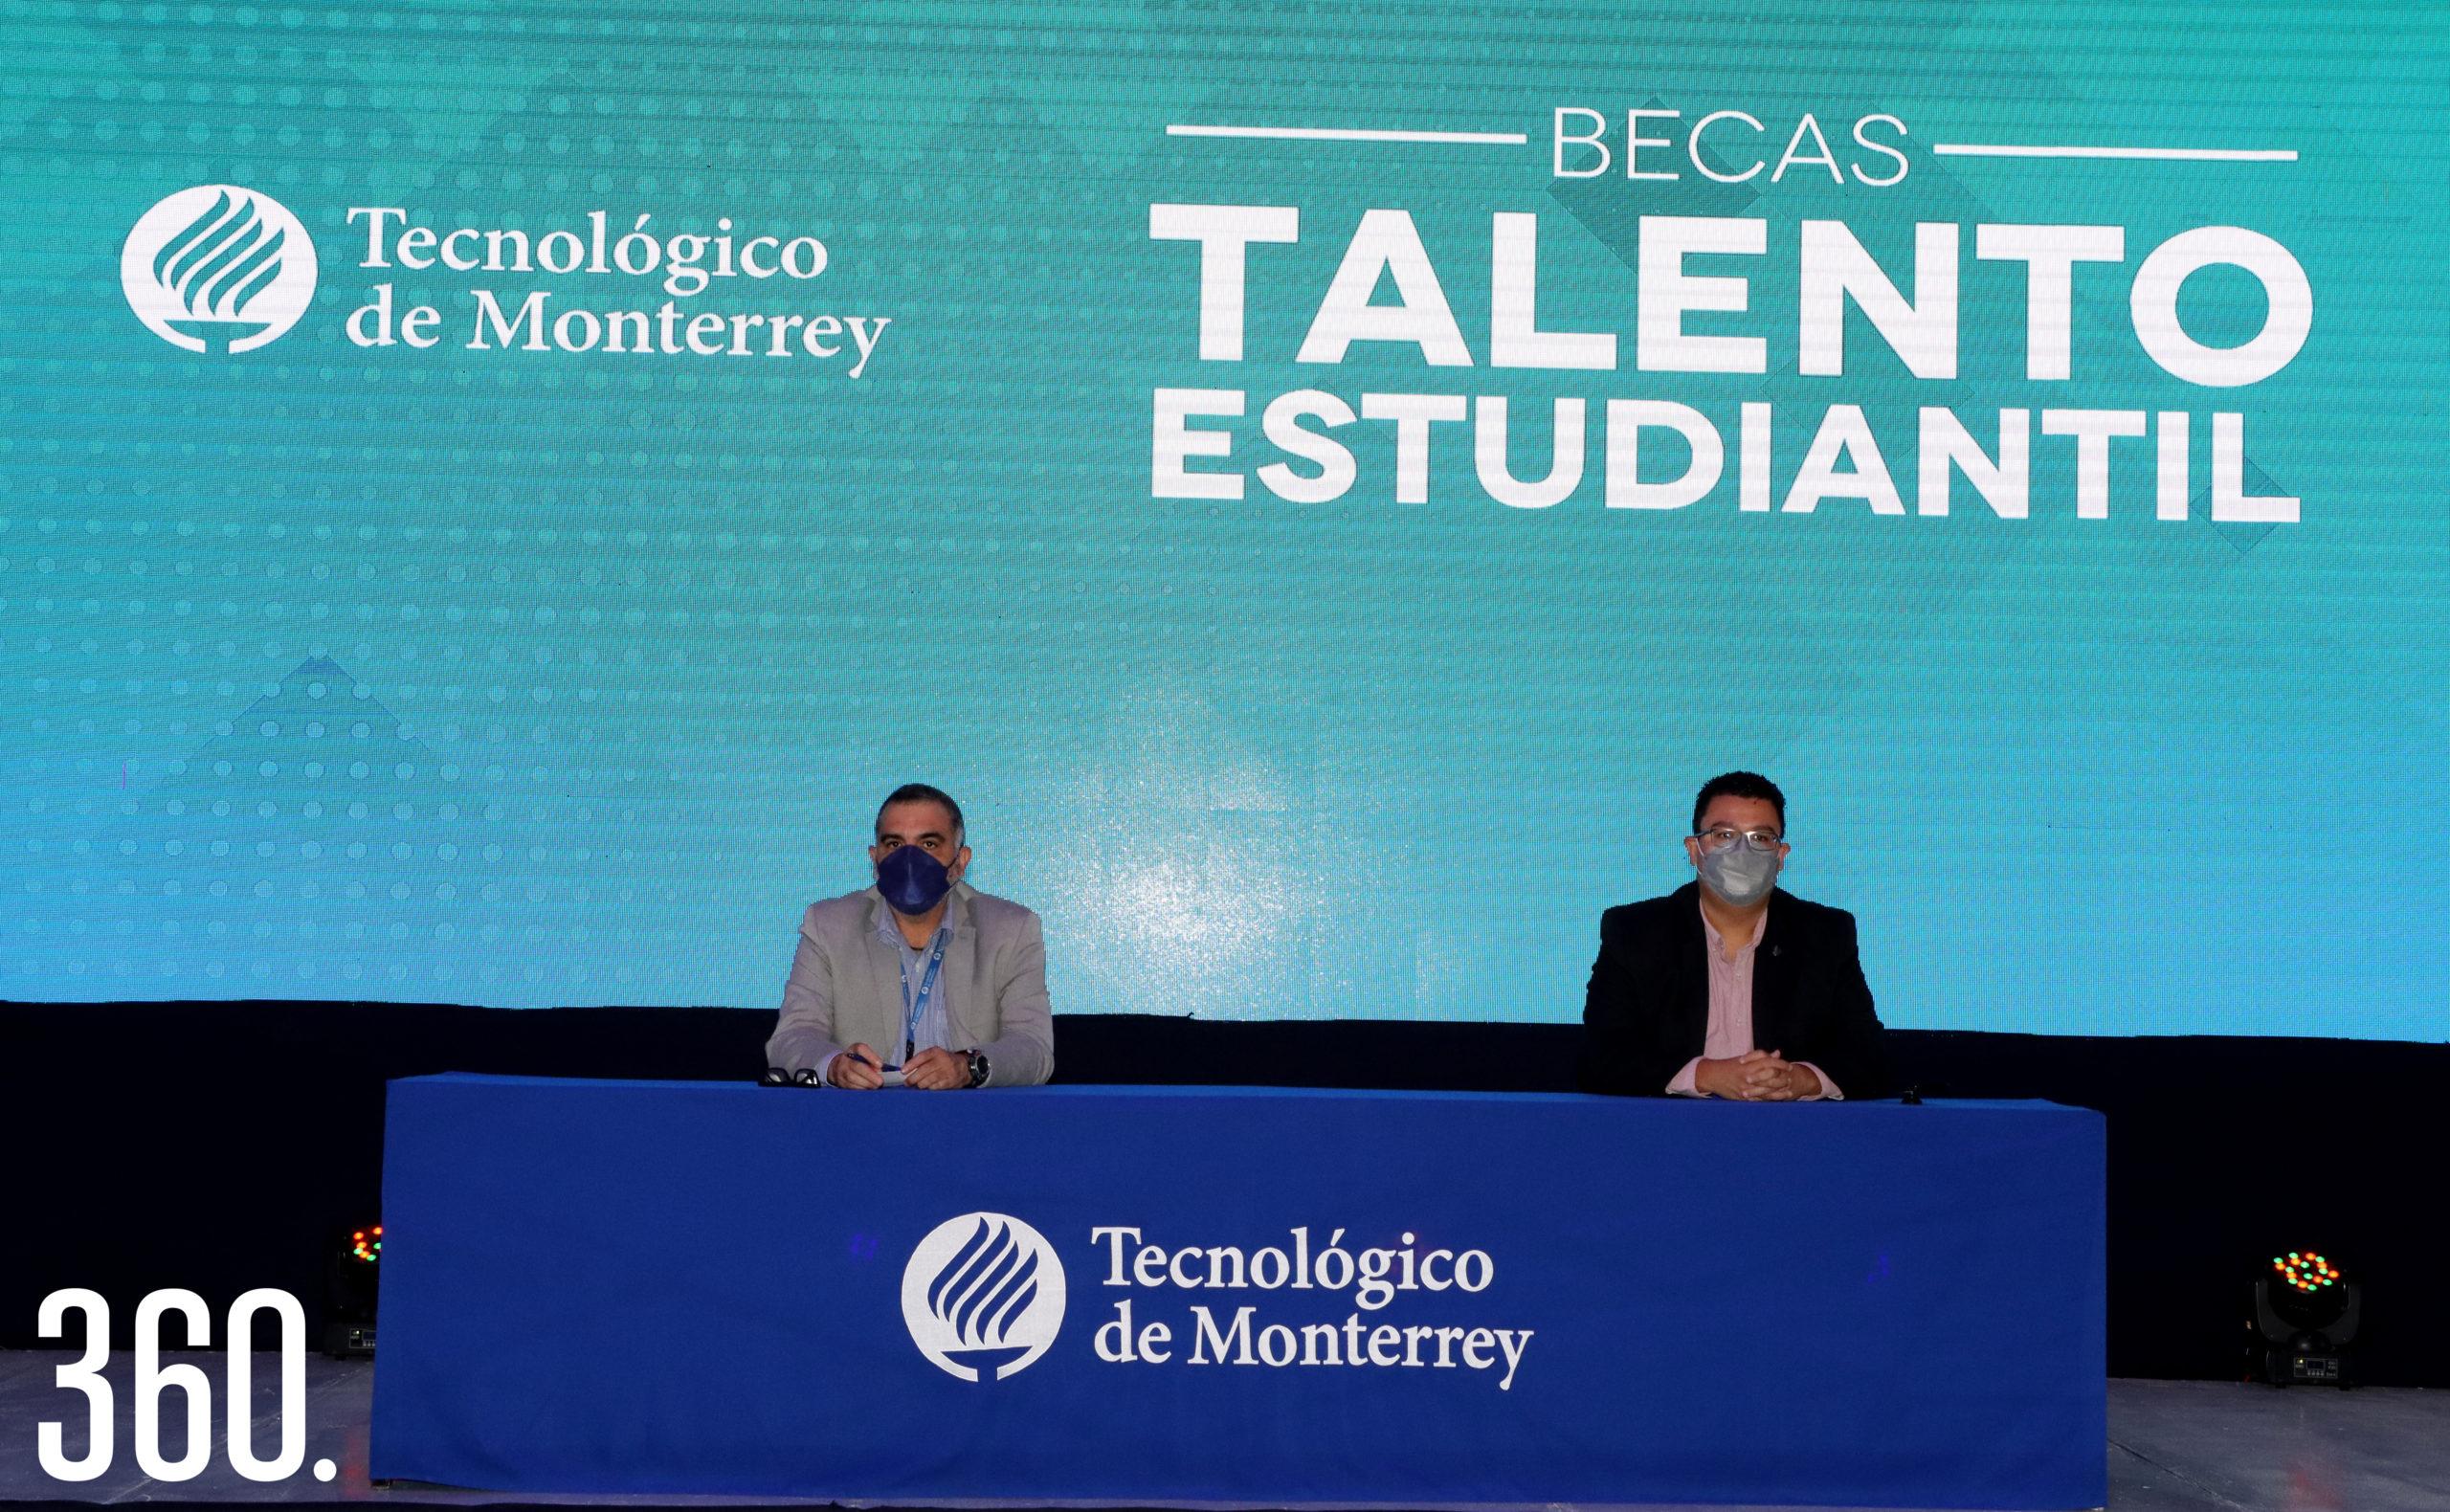 El evento fue presidido por Gilberto Armienta, director general del campus Saltillo; y David Perales Ruiz de Esparza, director de Liderazgo y Formación Estudiantil.